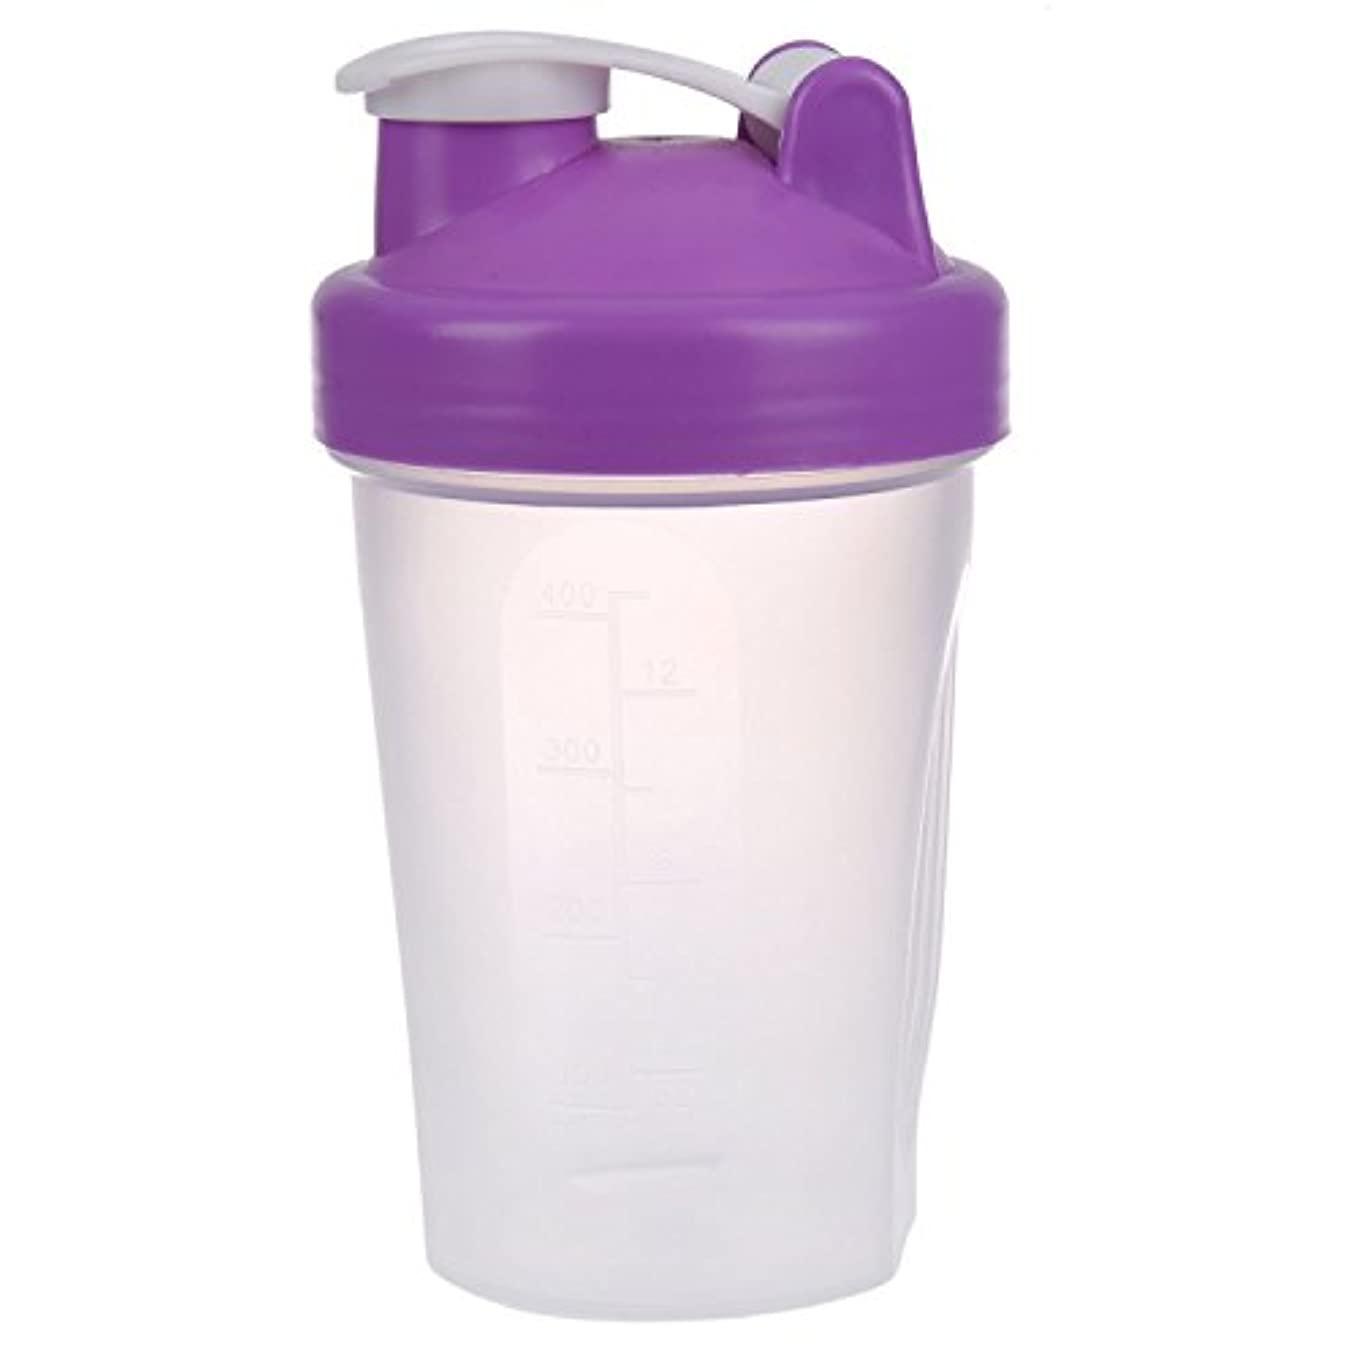 共同選択戦闘飲み込むTOOGOO スマートシェイク ジムプロテインシェーカー ミキサーカップミキサーボトル 紫